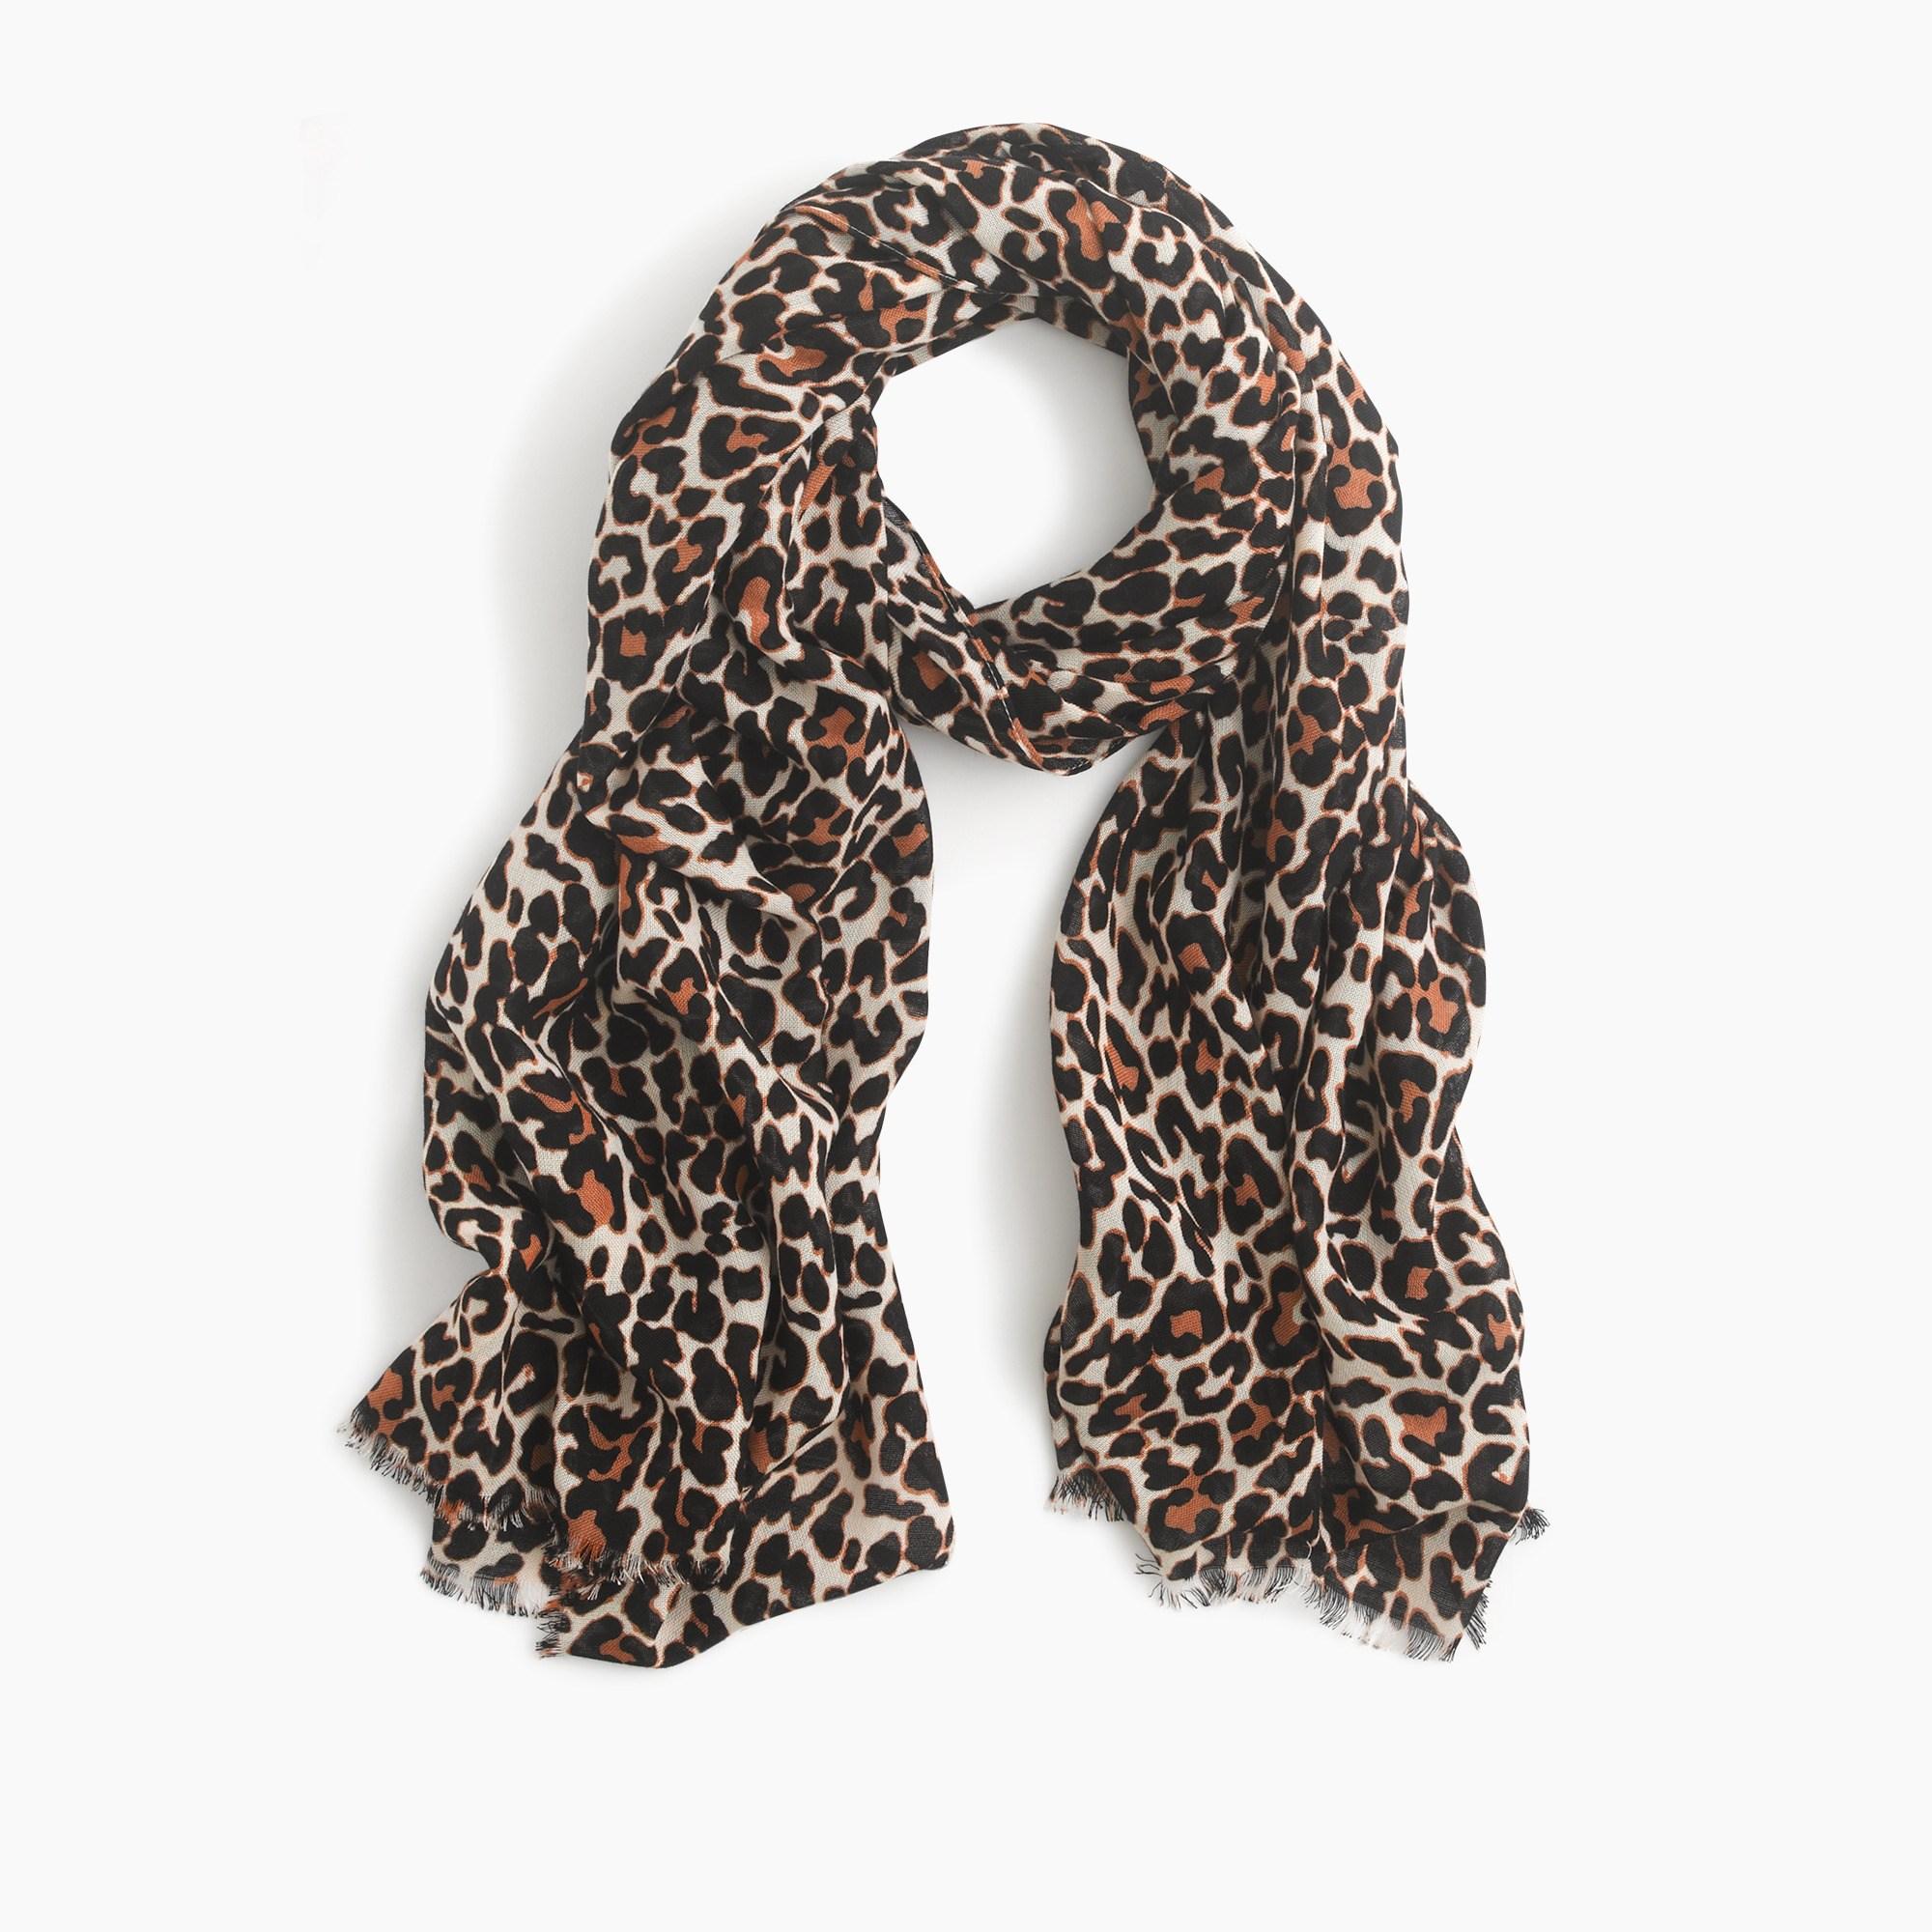 Leopard scarf : Women scarves, hats & gloves | J.Crew